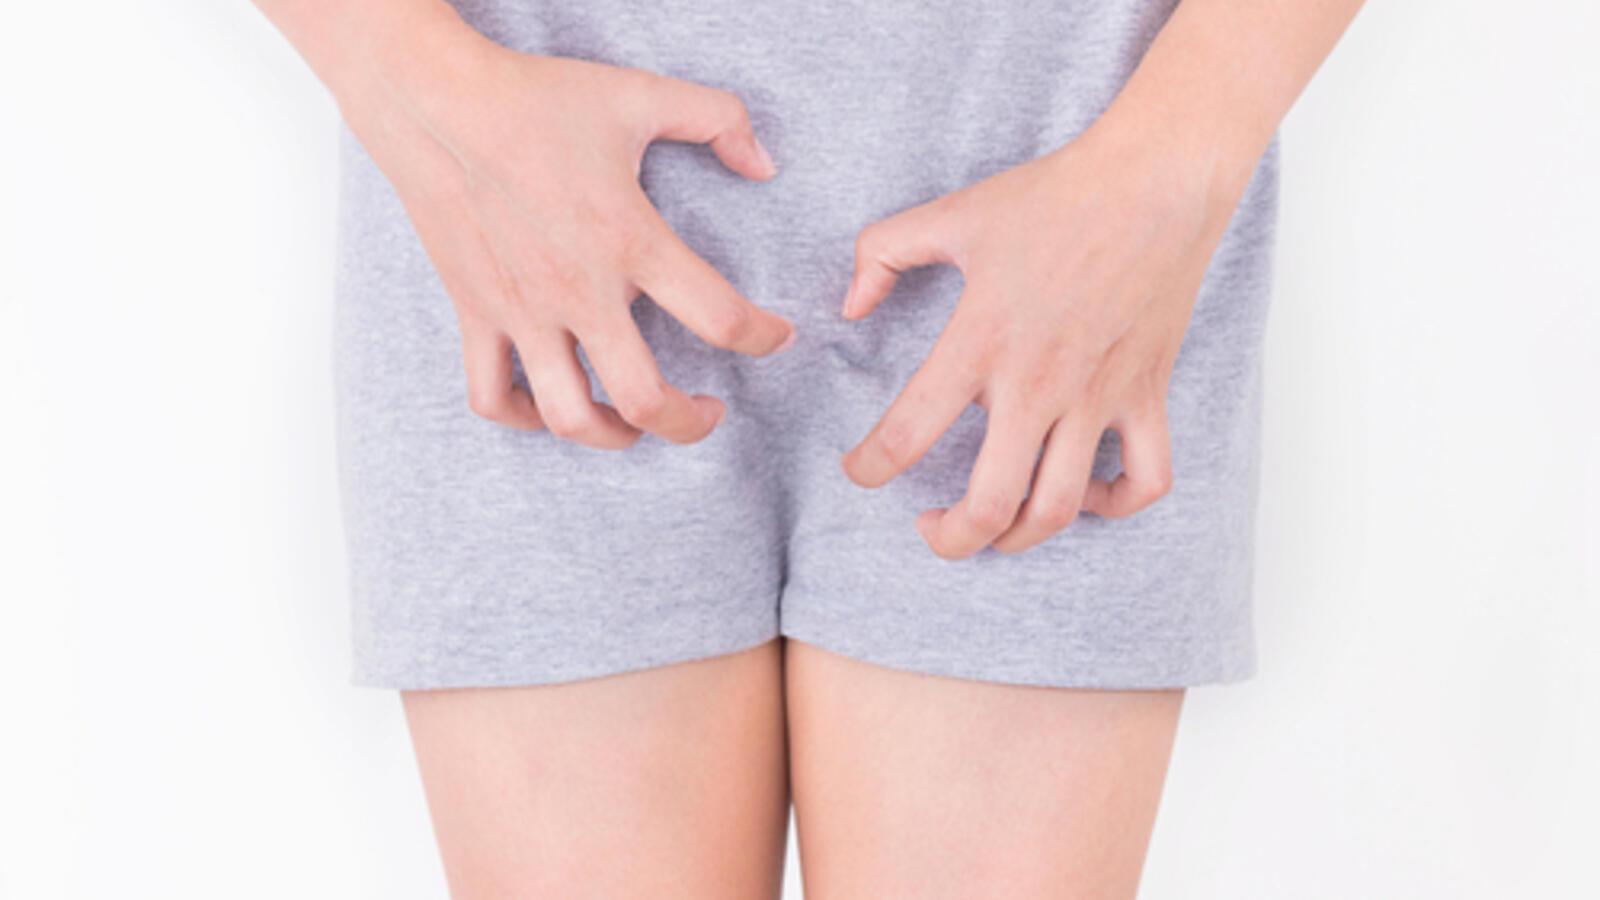 صورة اسباب حكة المهبل , حكه المهبل عند المراه و اسبابه و علاجه